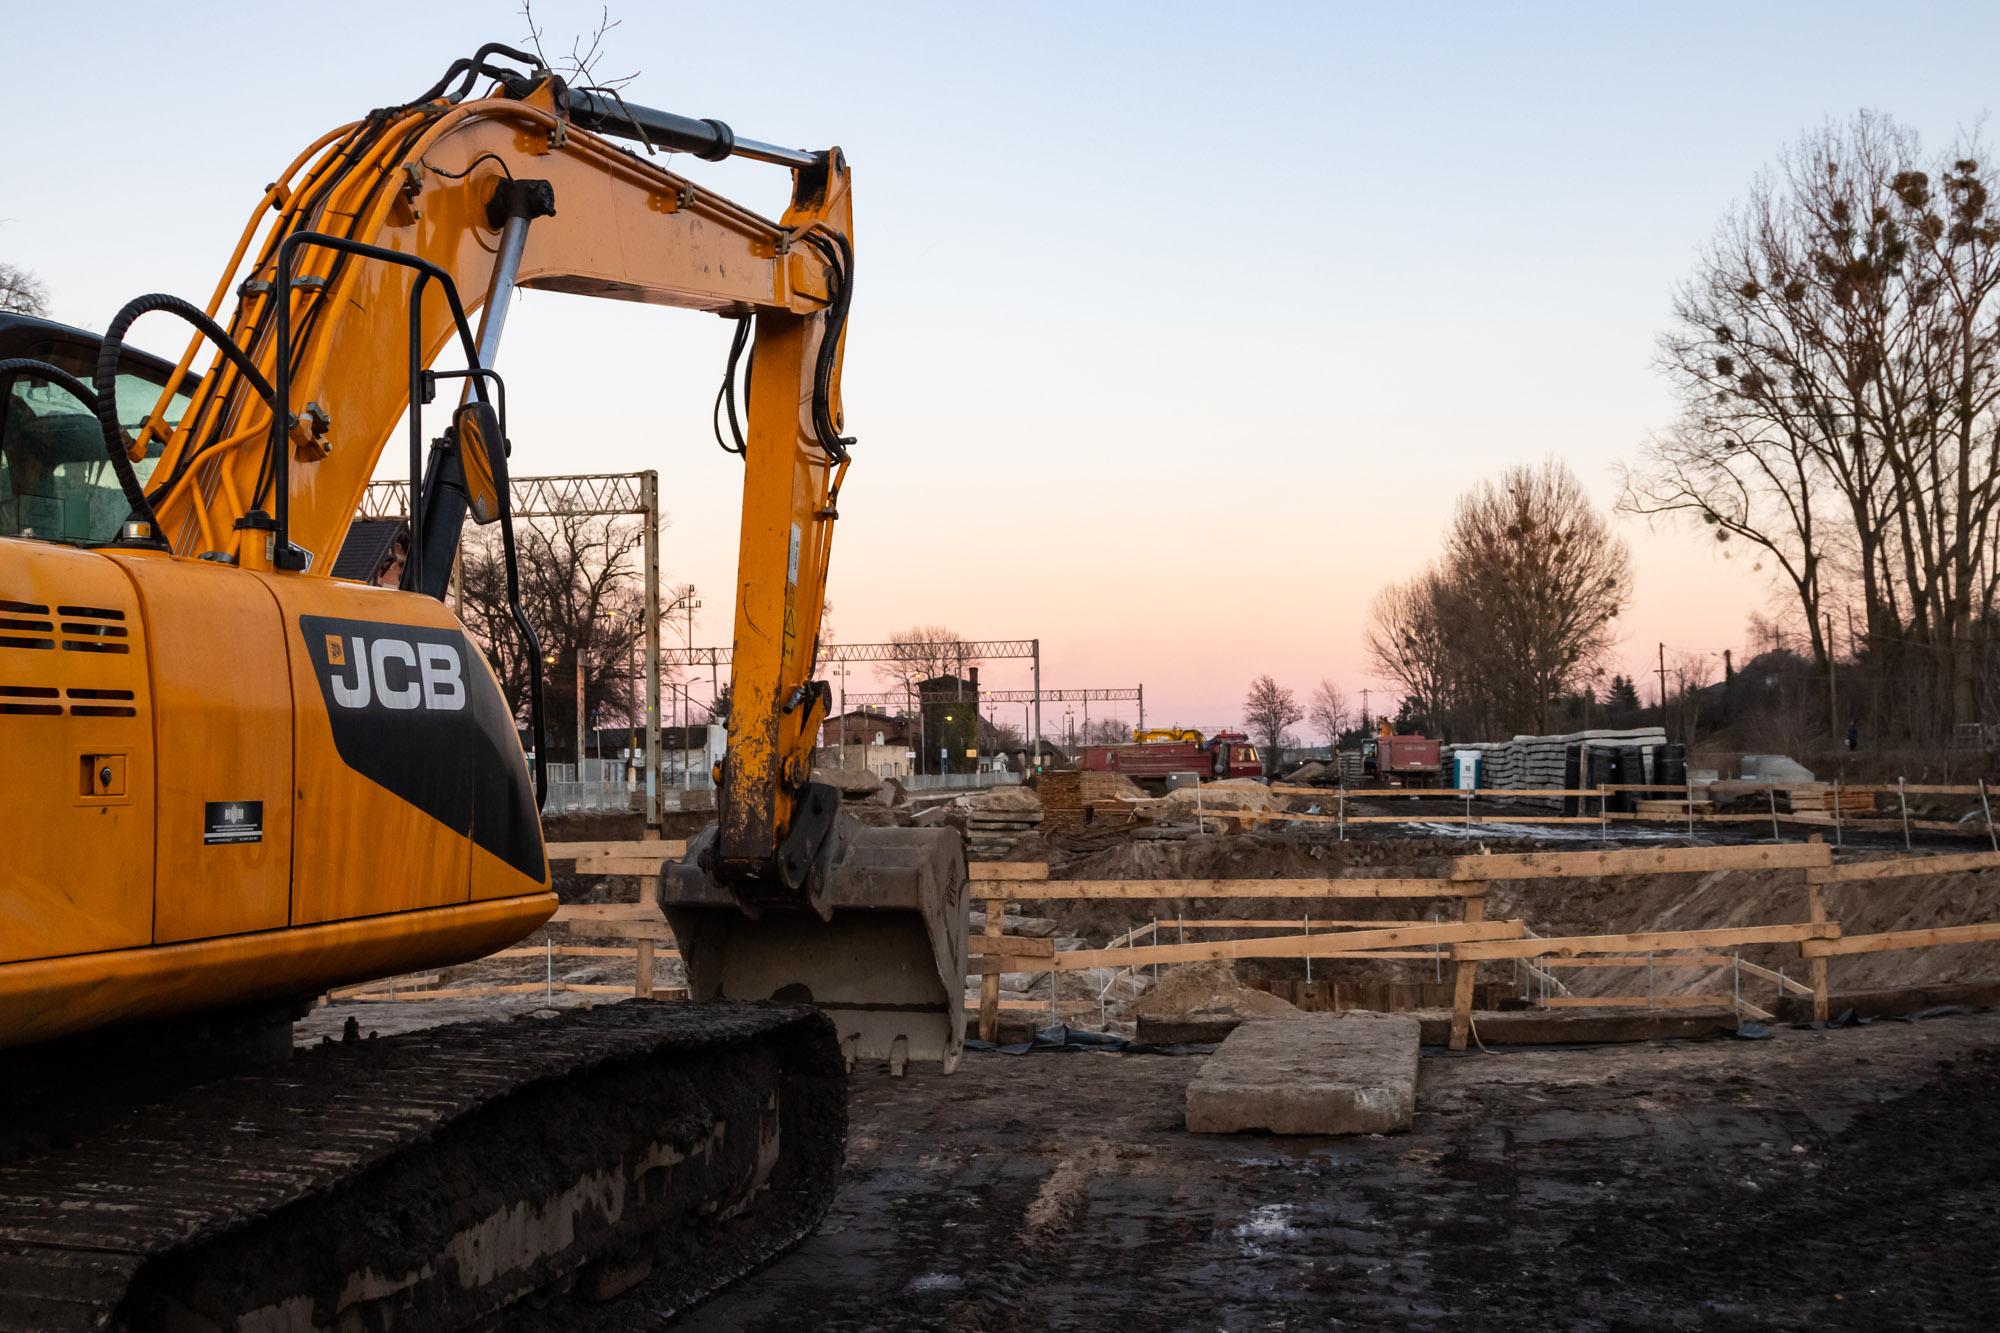 Galeria zdjęć pokazuje początkowe prace na stacji Wronki, które miały miejsce w lutym 2019 roku.